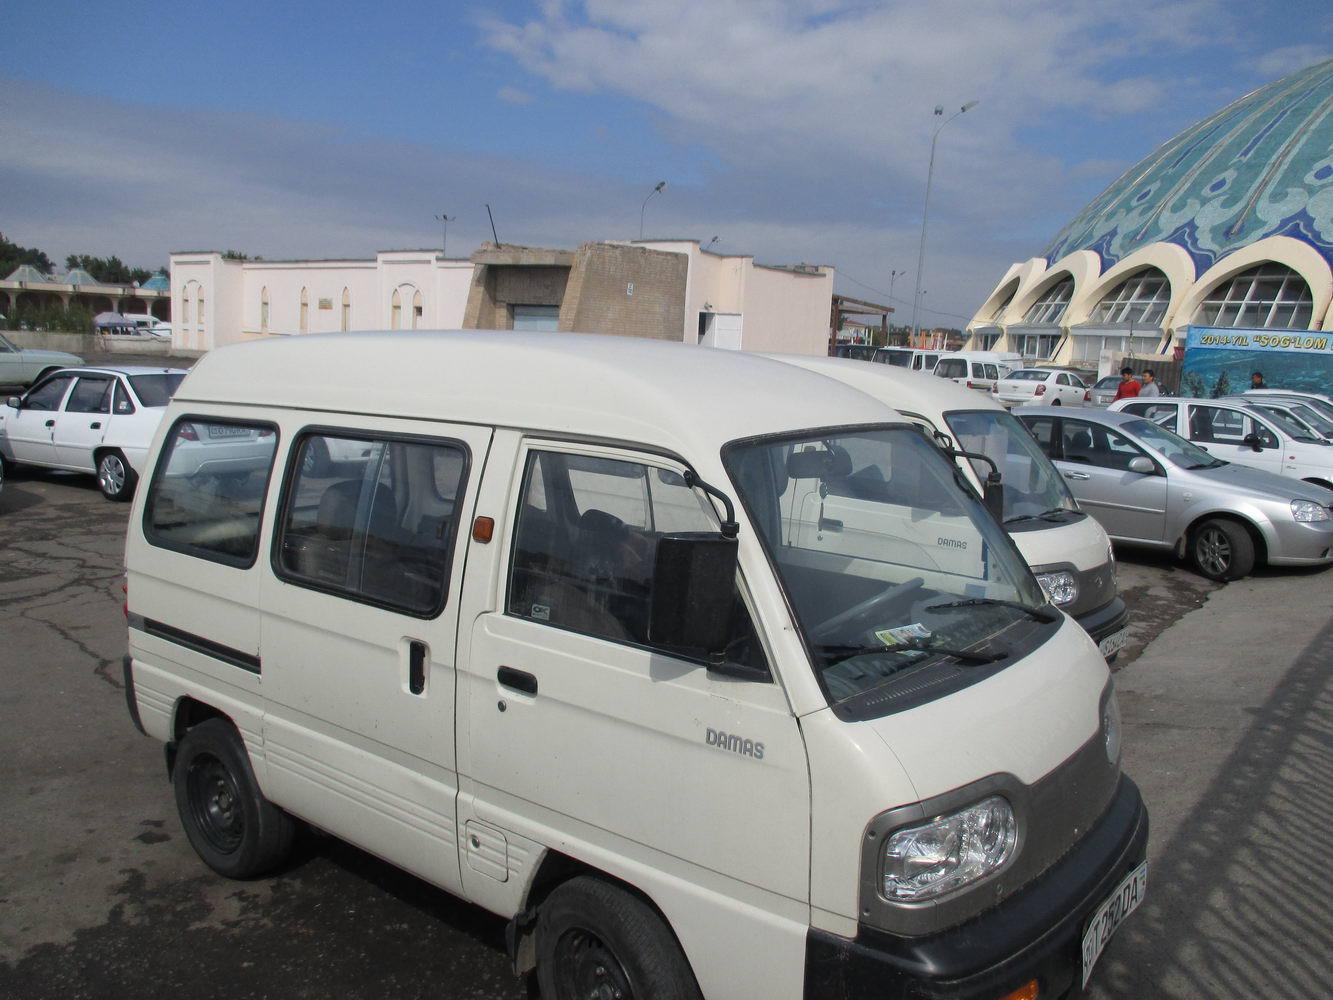 узбекский автобус дамас. путешествие автостопом в узбекистан